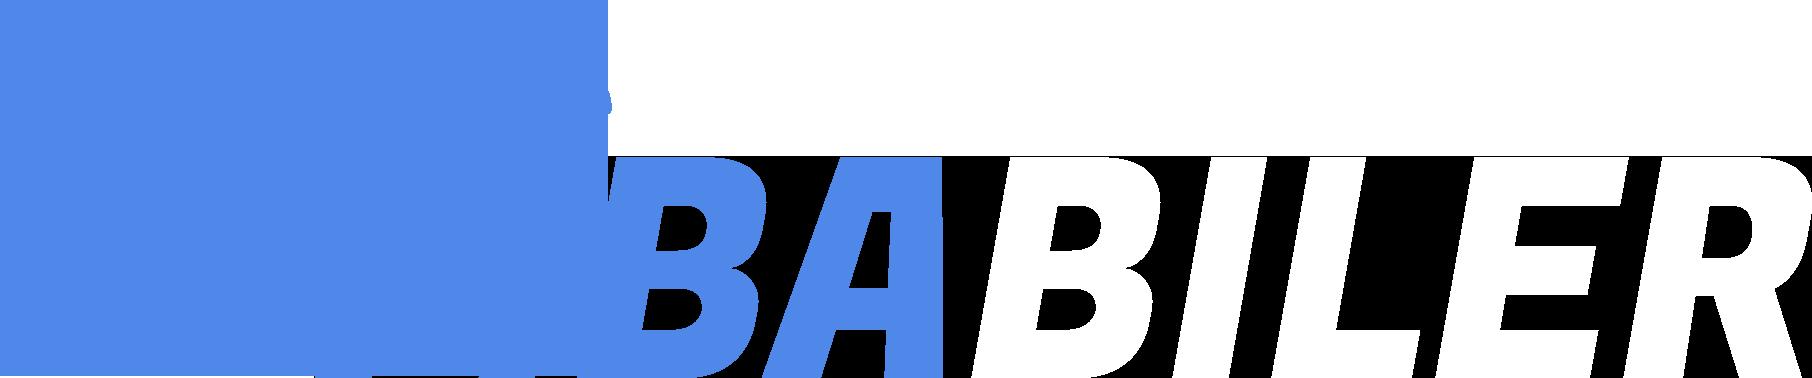 MBA Biler